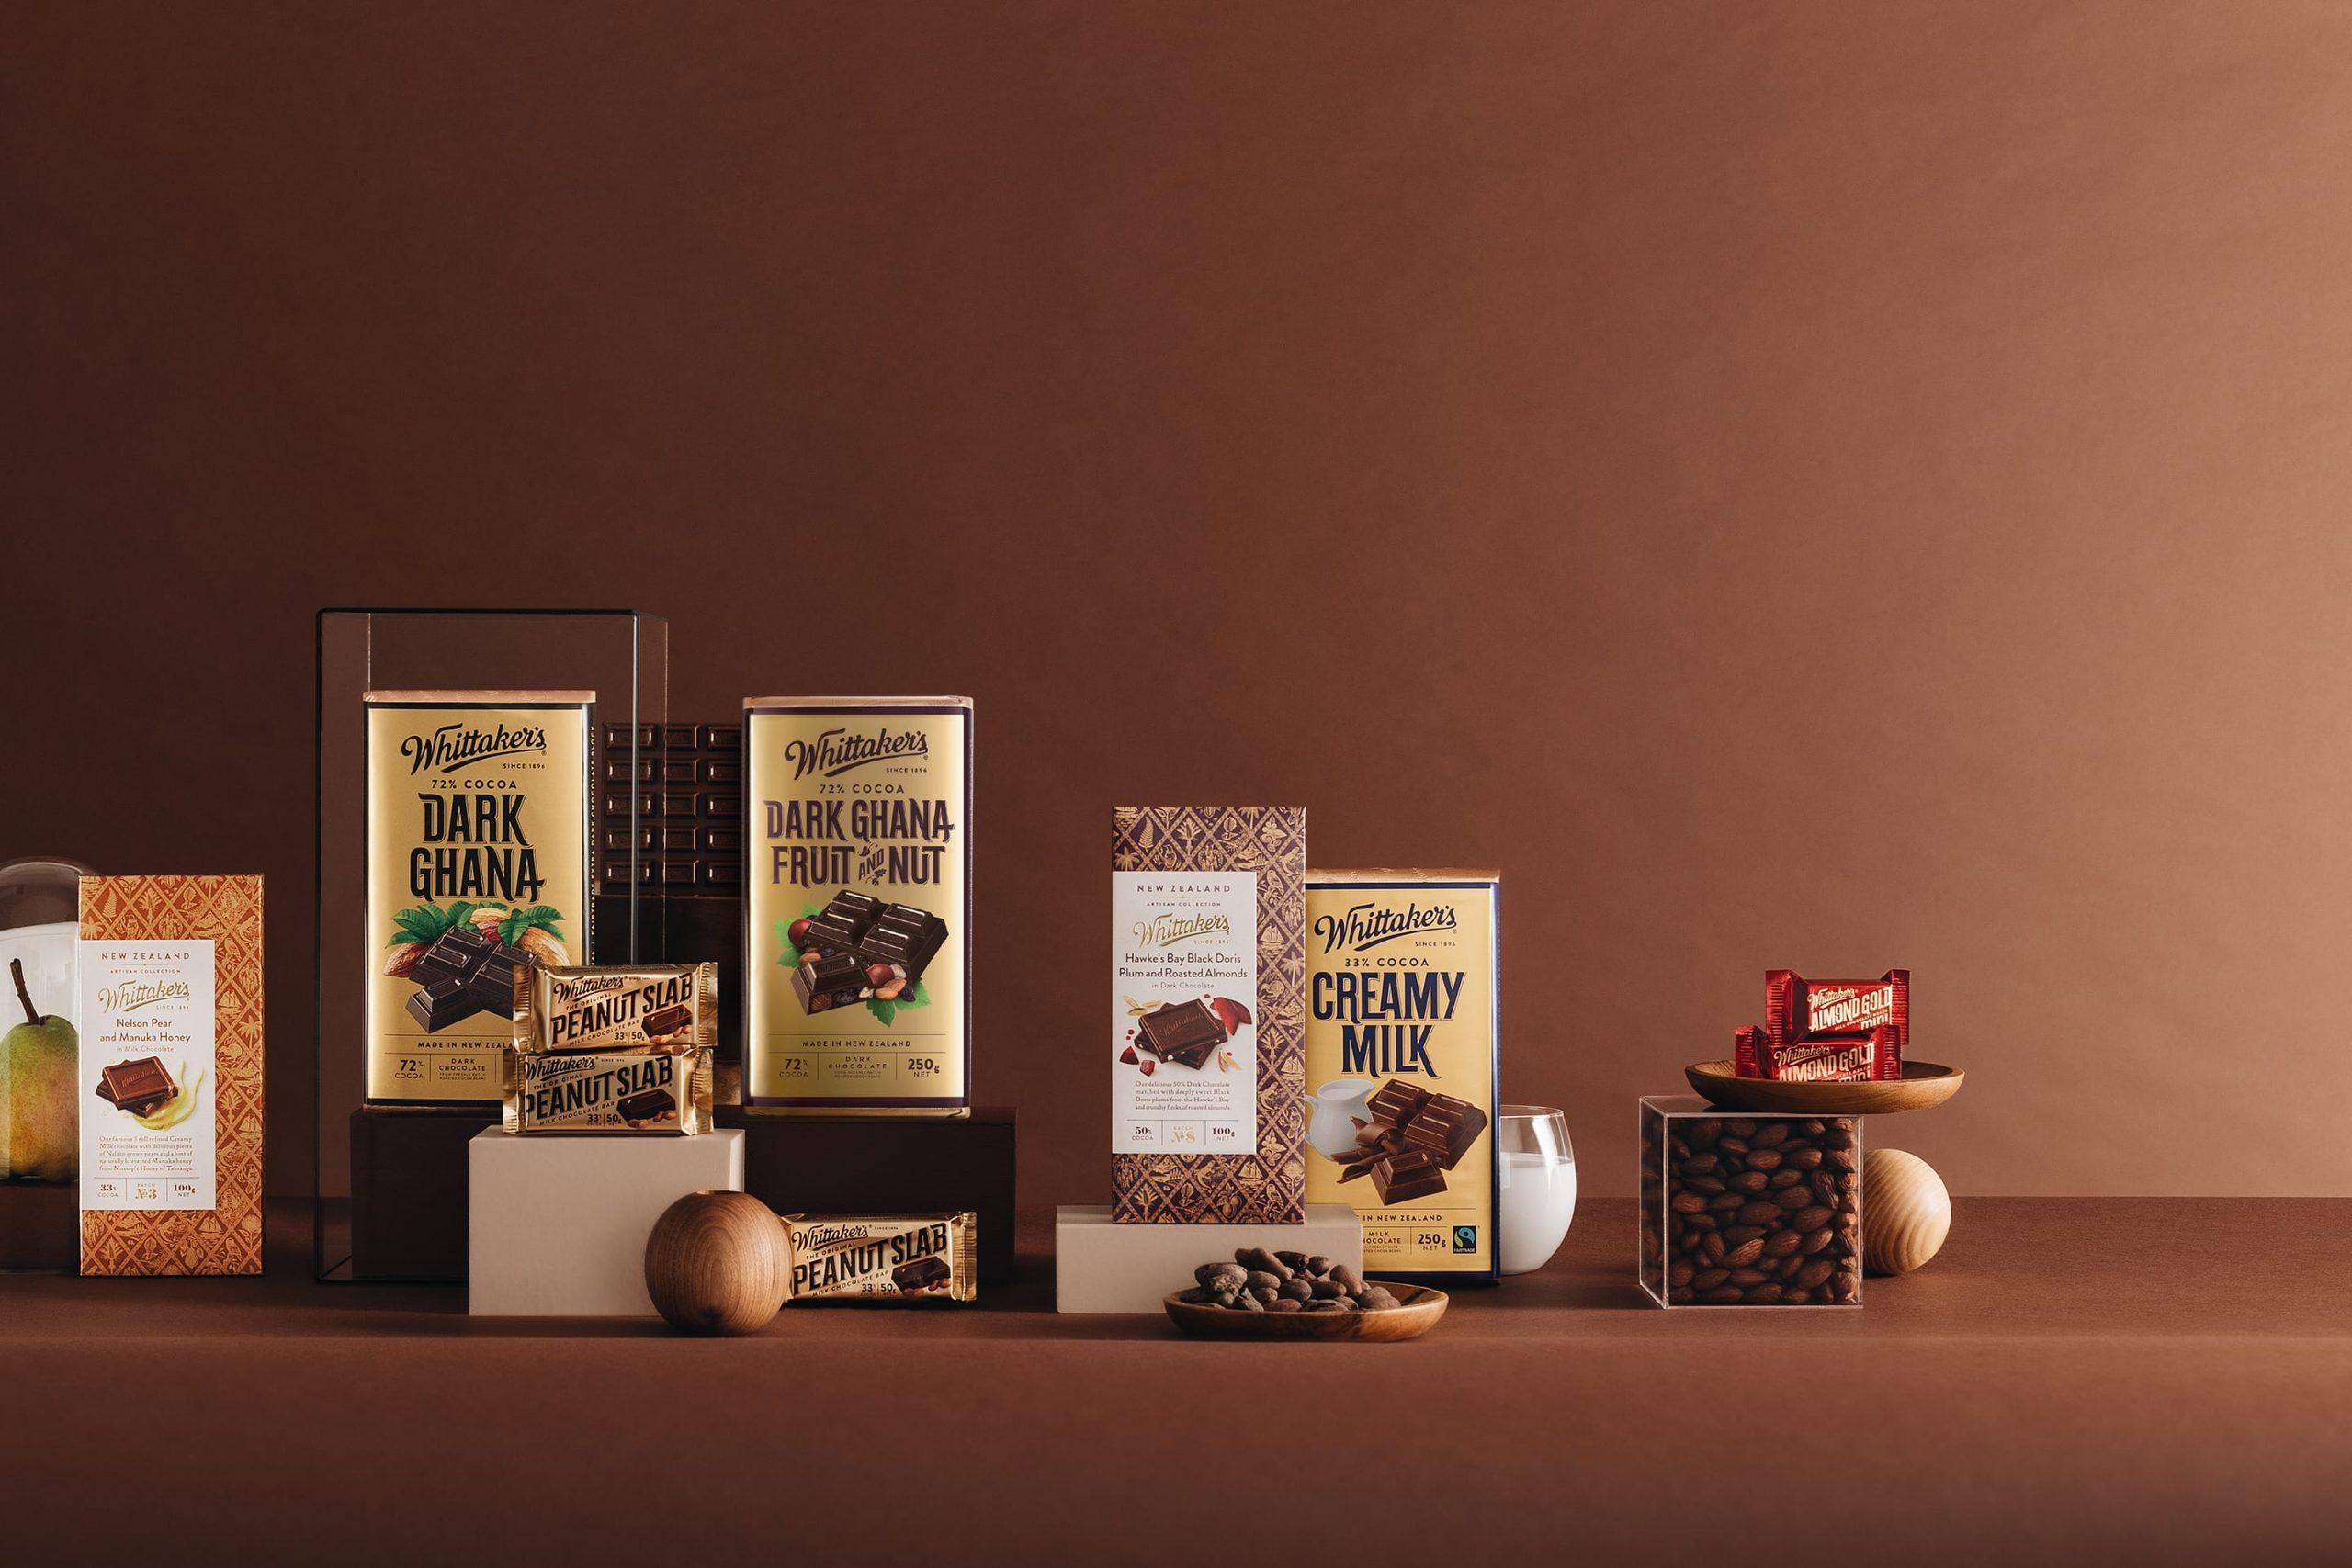 Whittaker's Chocolate Lovers' corner